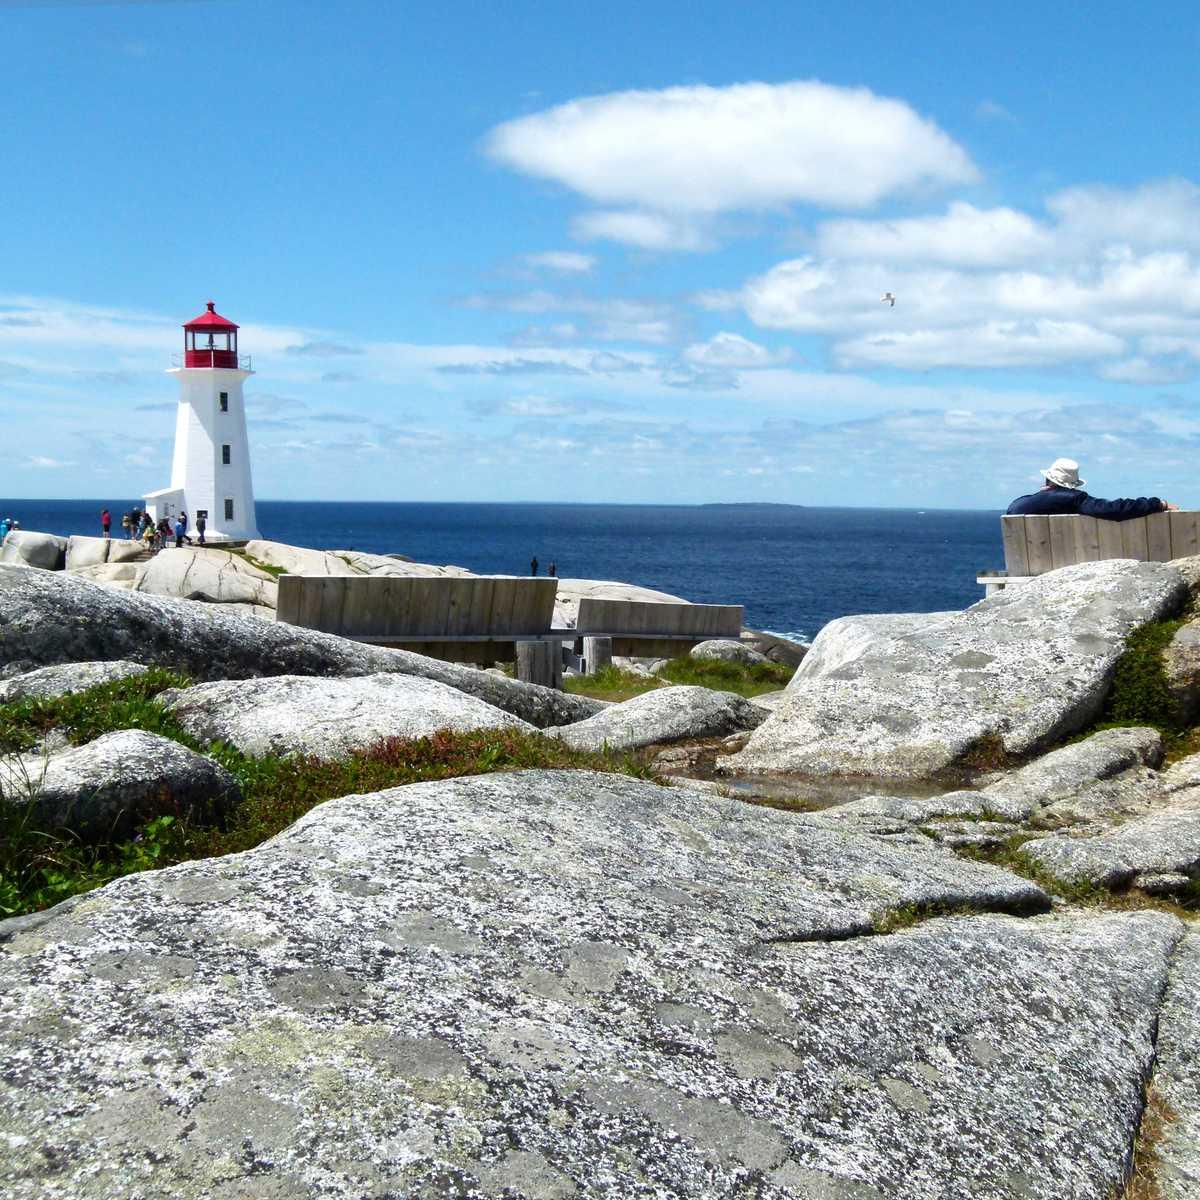 Leuchtturm in Peggys Cove